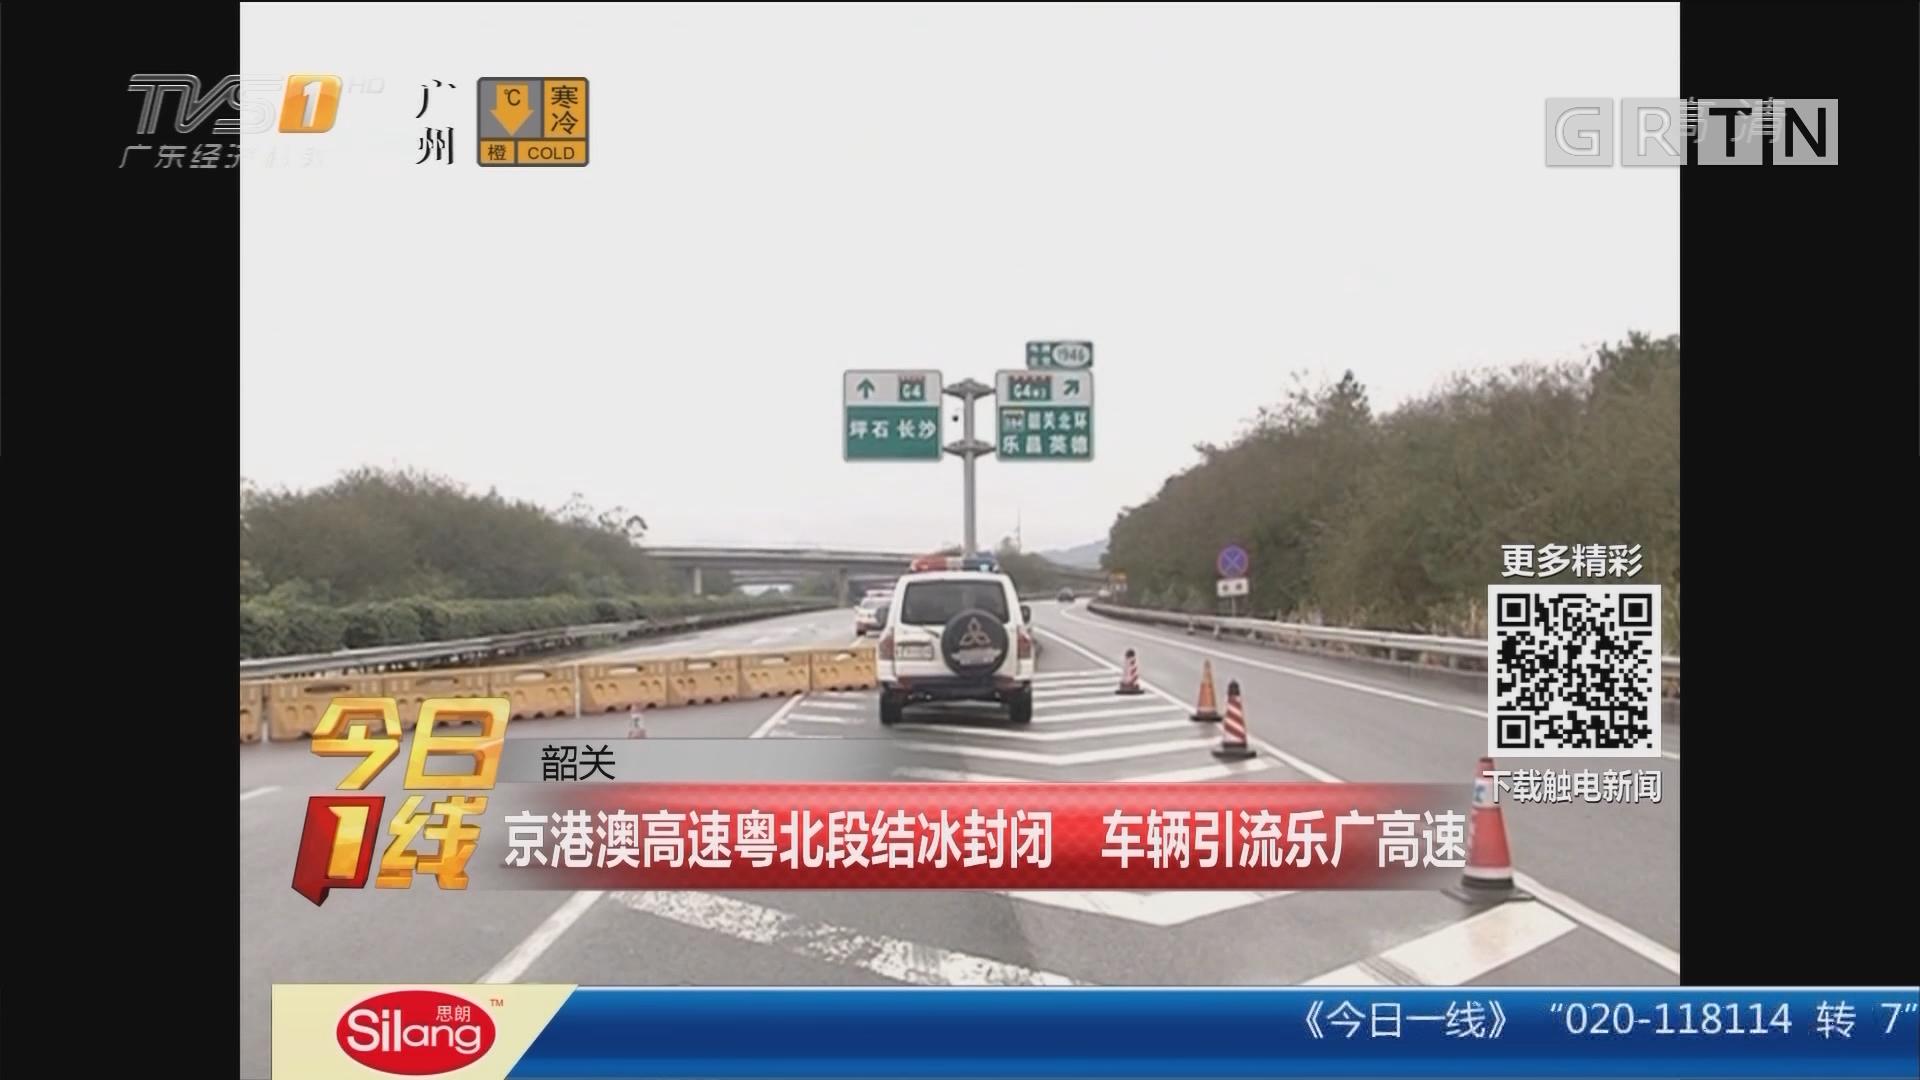 韶关:京港澳高速粤北段结冰封闭 车辆引流乐广高速